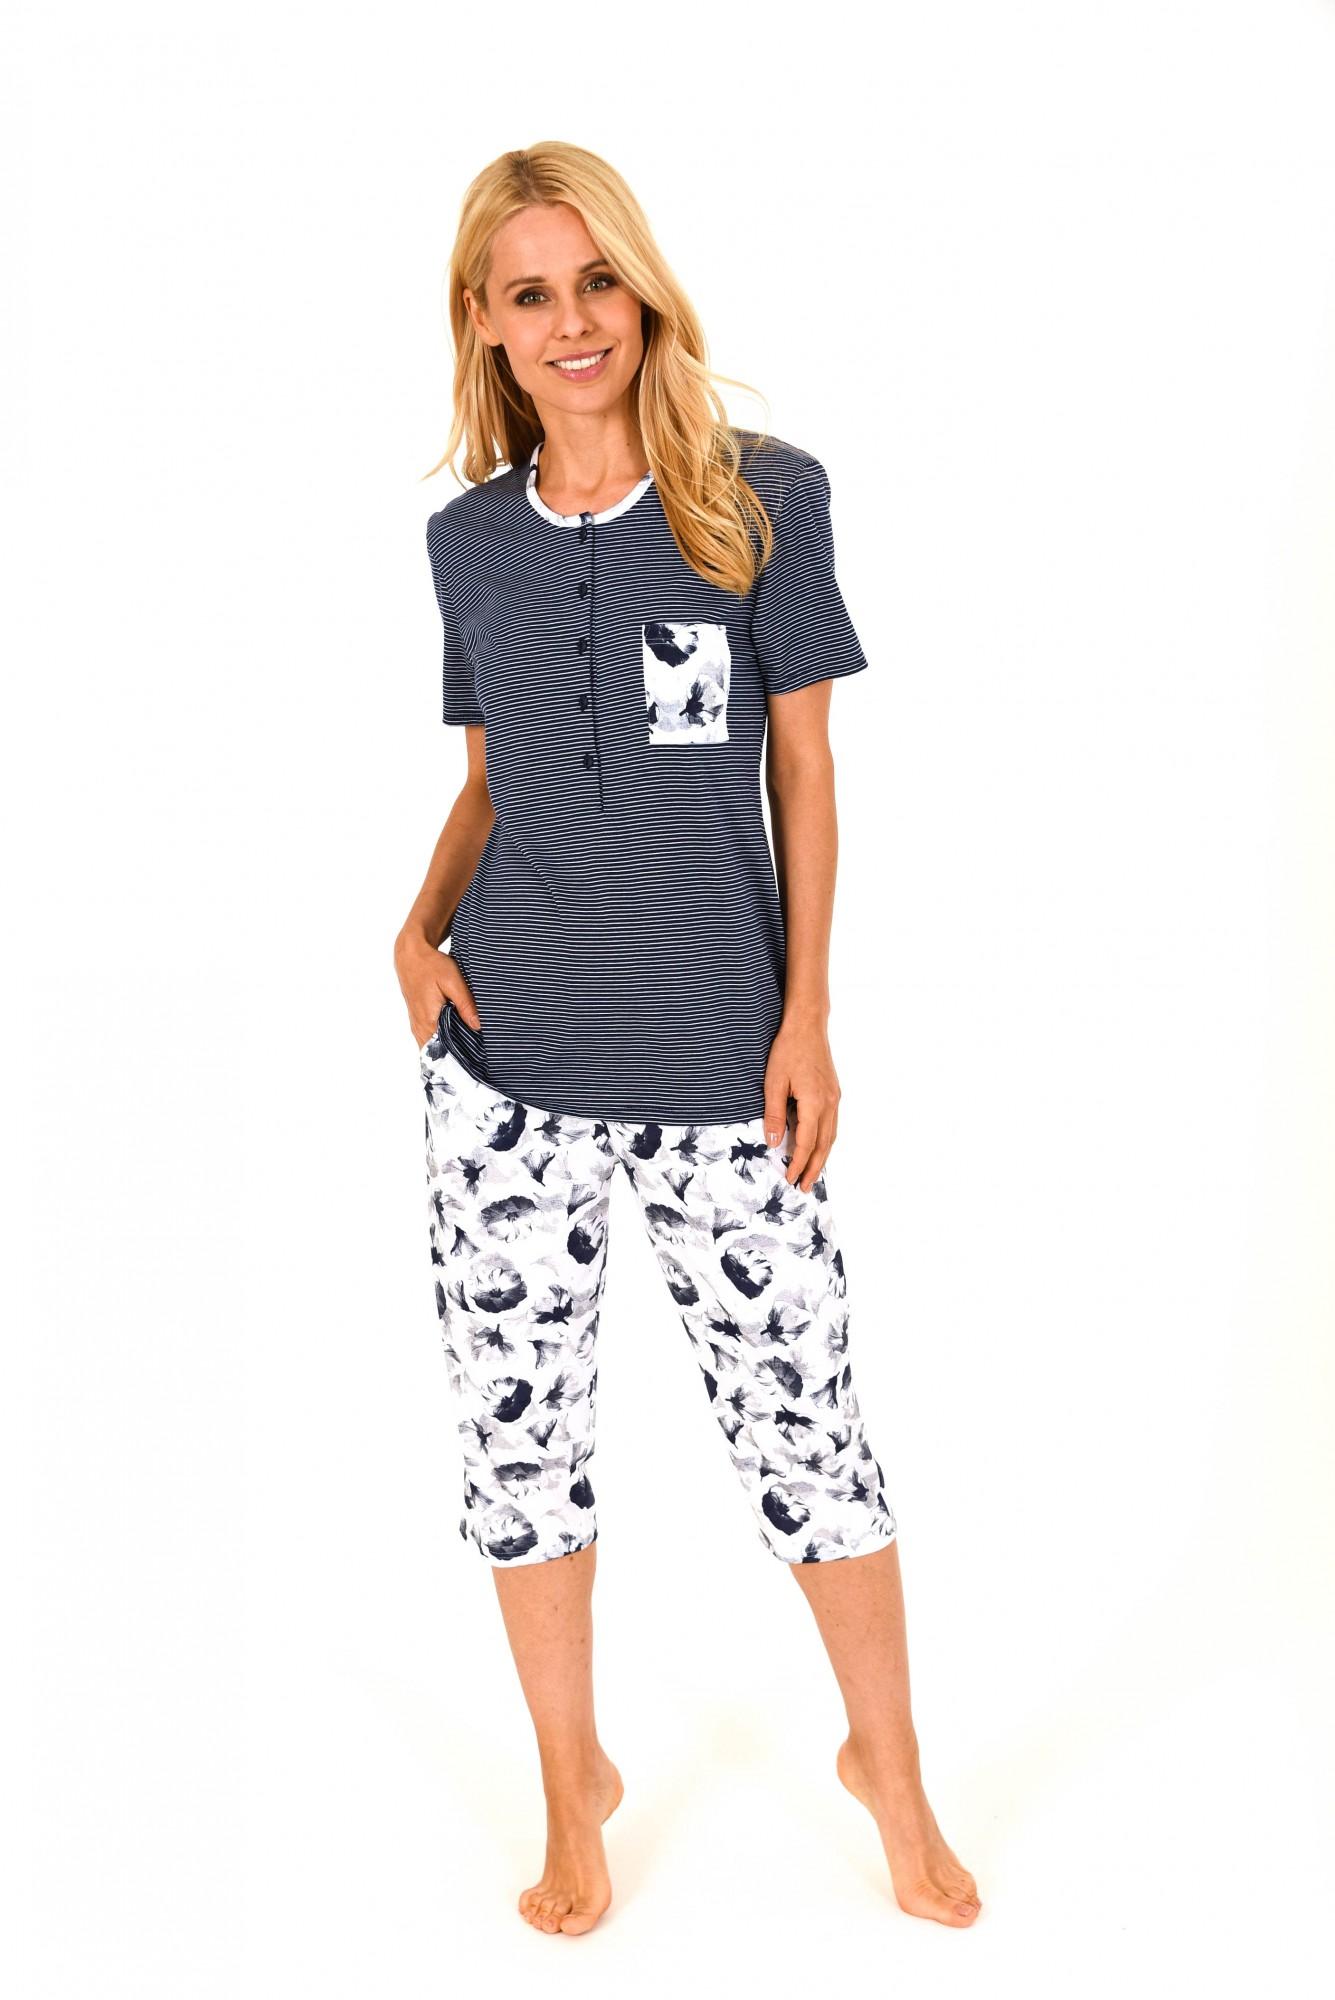 Damen Capri Pyjama kurzarm – tolle Optik – 171 204 90 881 – Bild 1